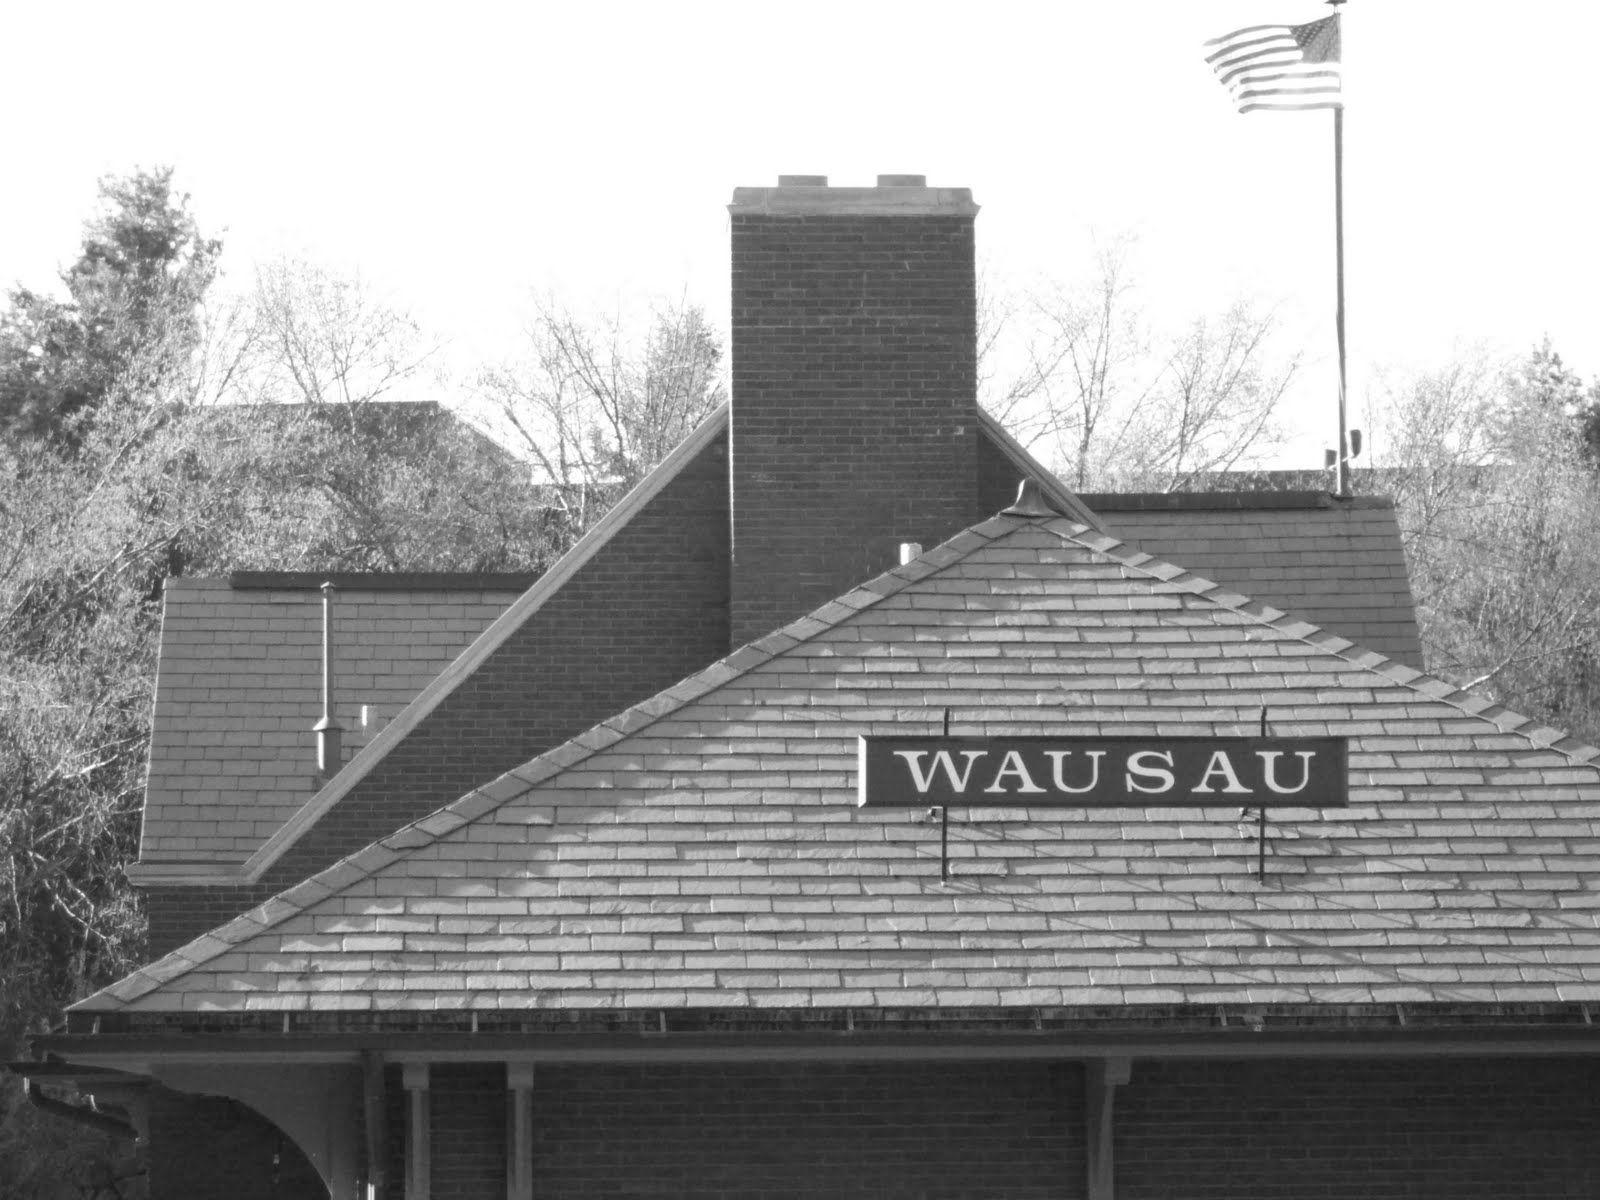 Wausau Insurance Wausau Wausau Wisconsin Train Depot